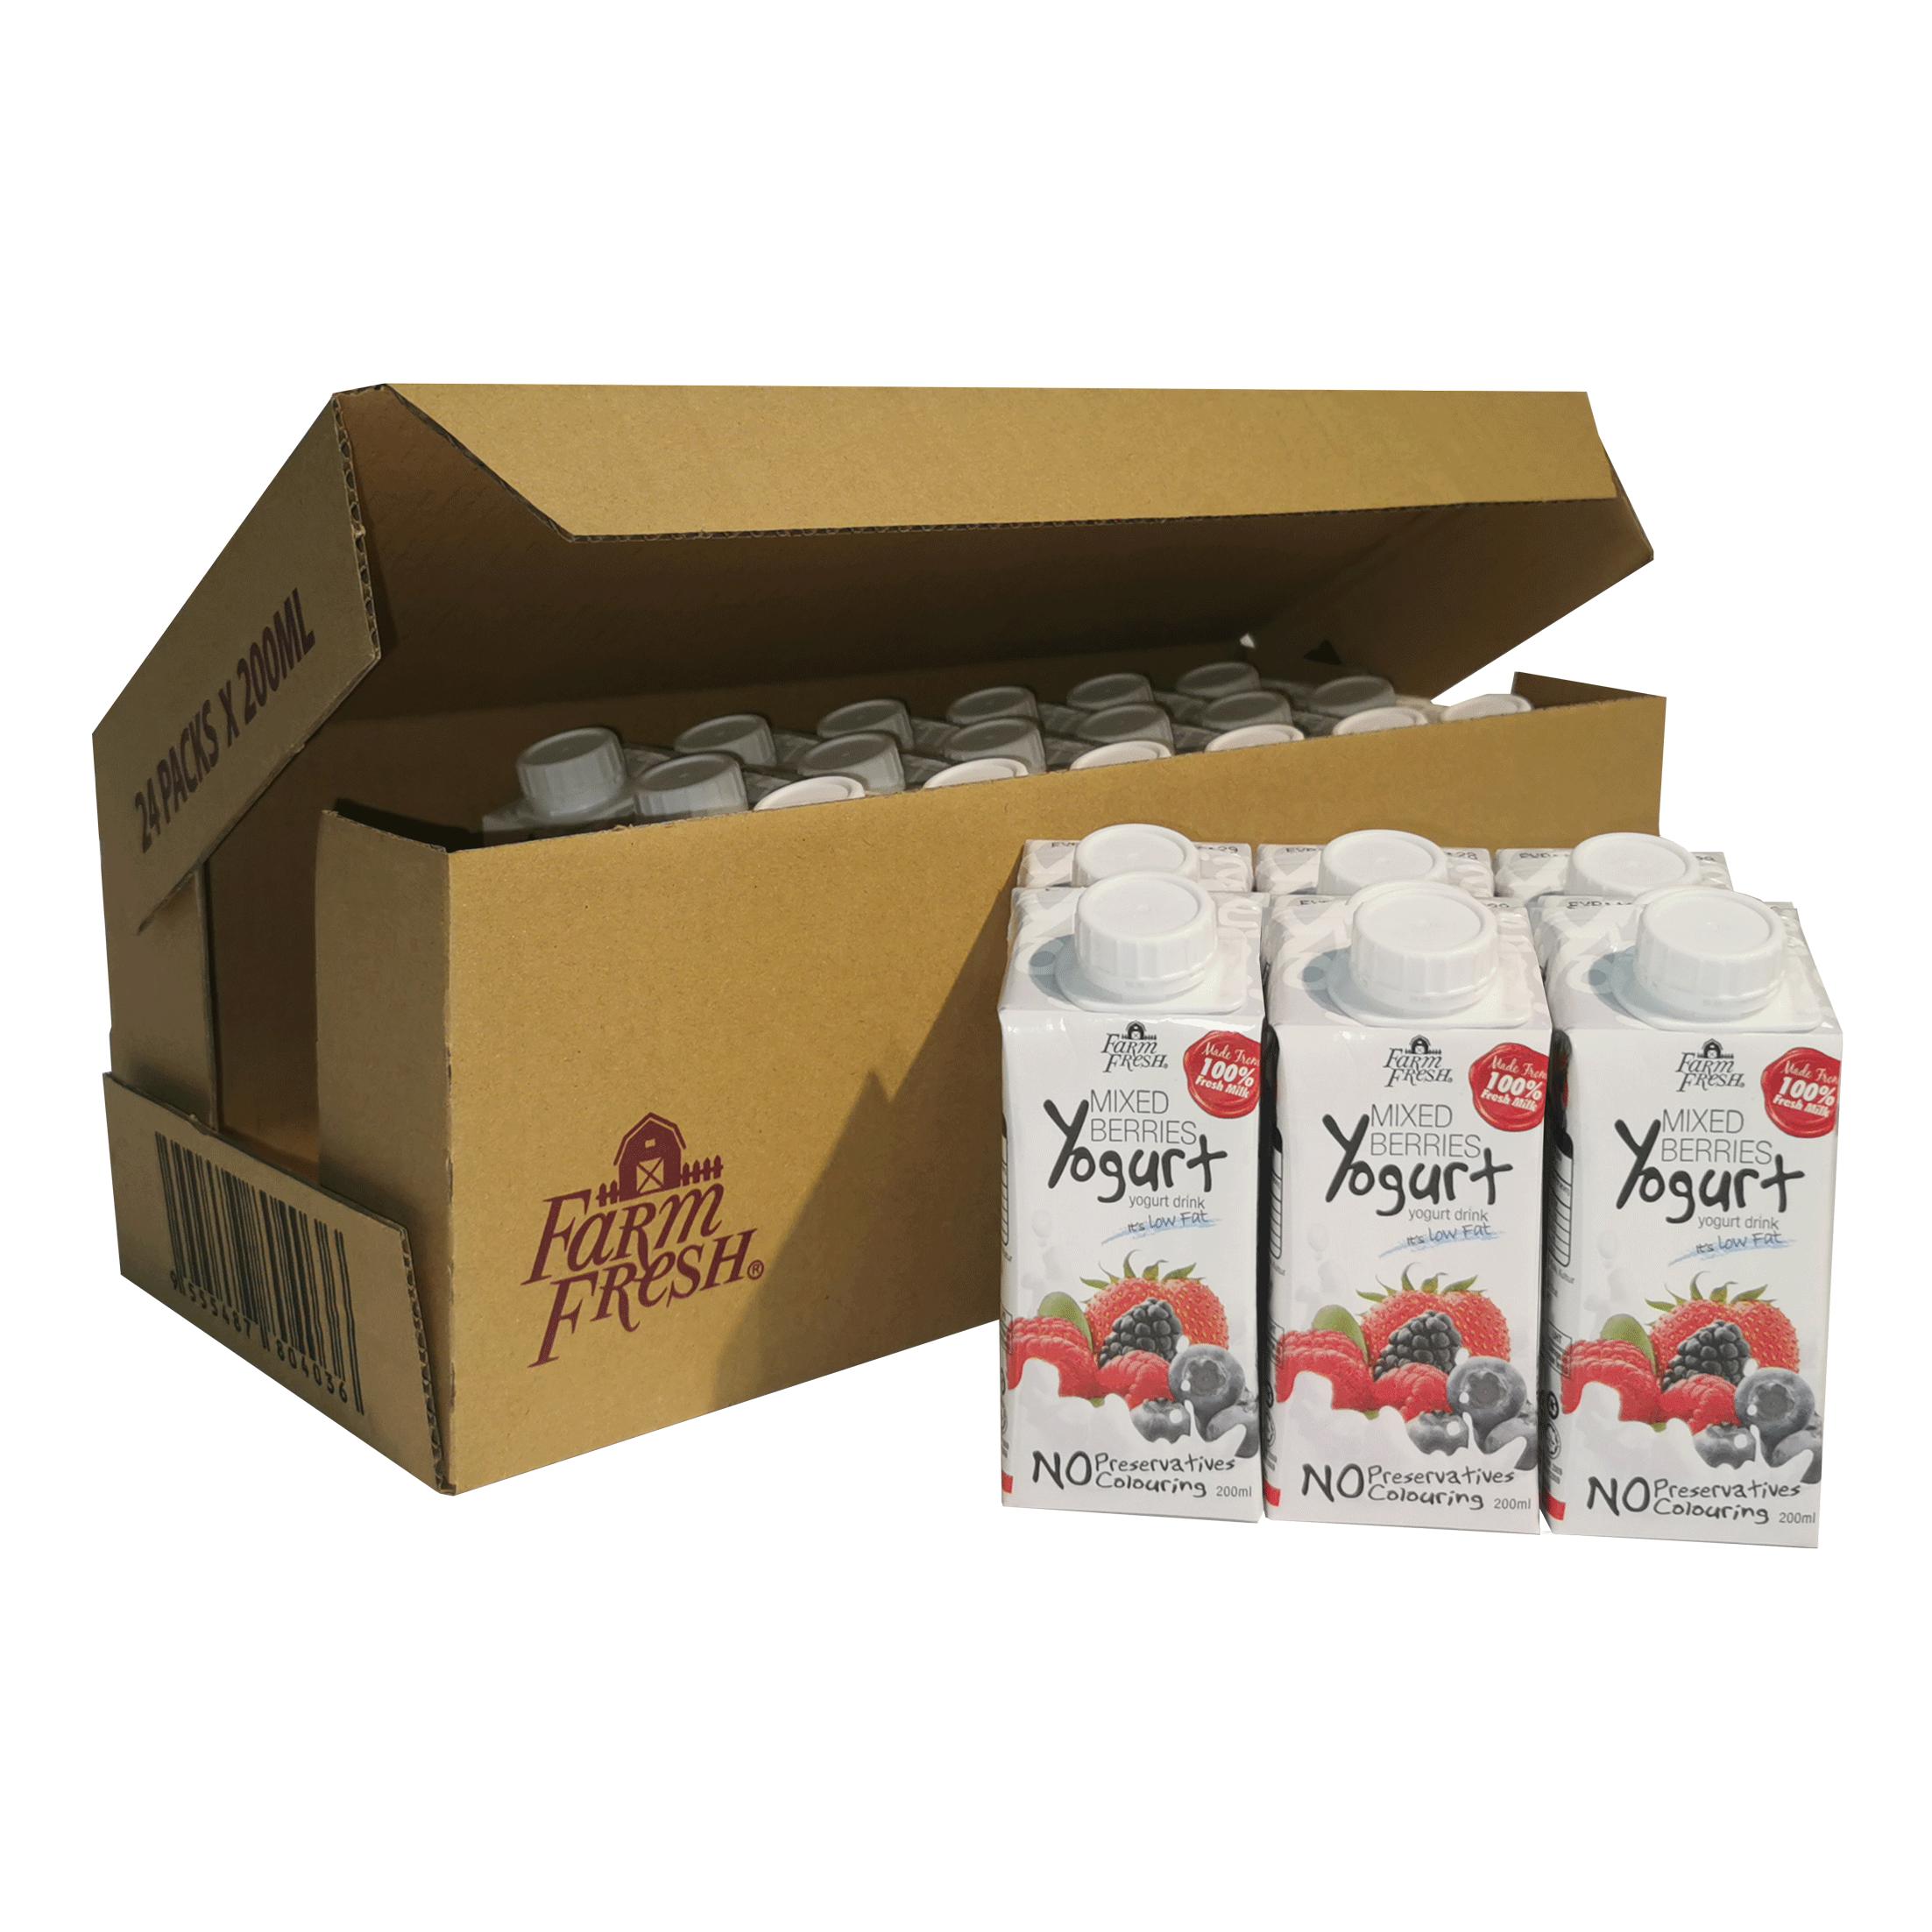 Farm Fresh Yogurt Drink Mixed Berries 200 ml x 24 pks